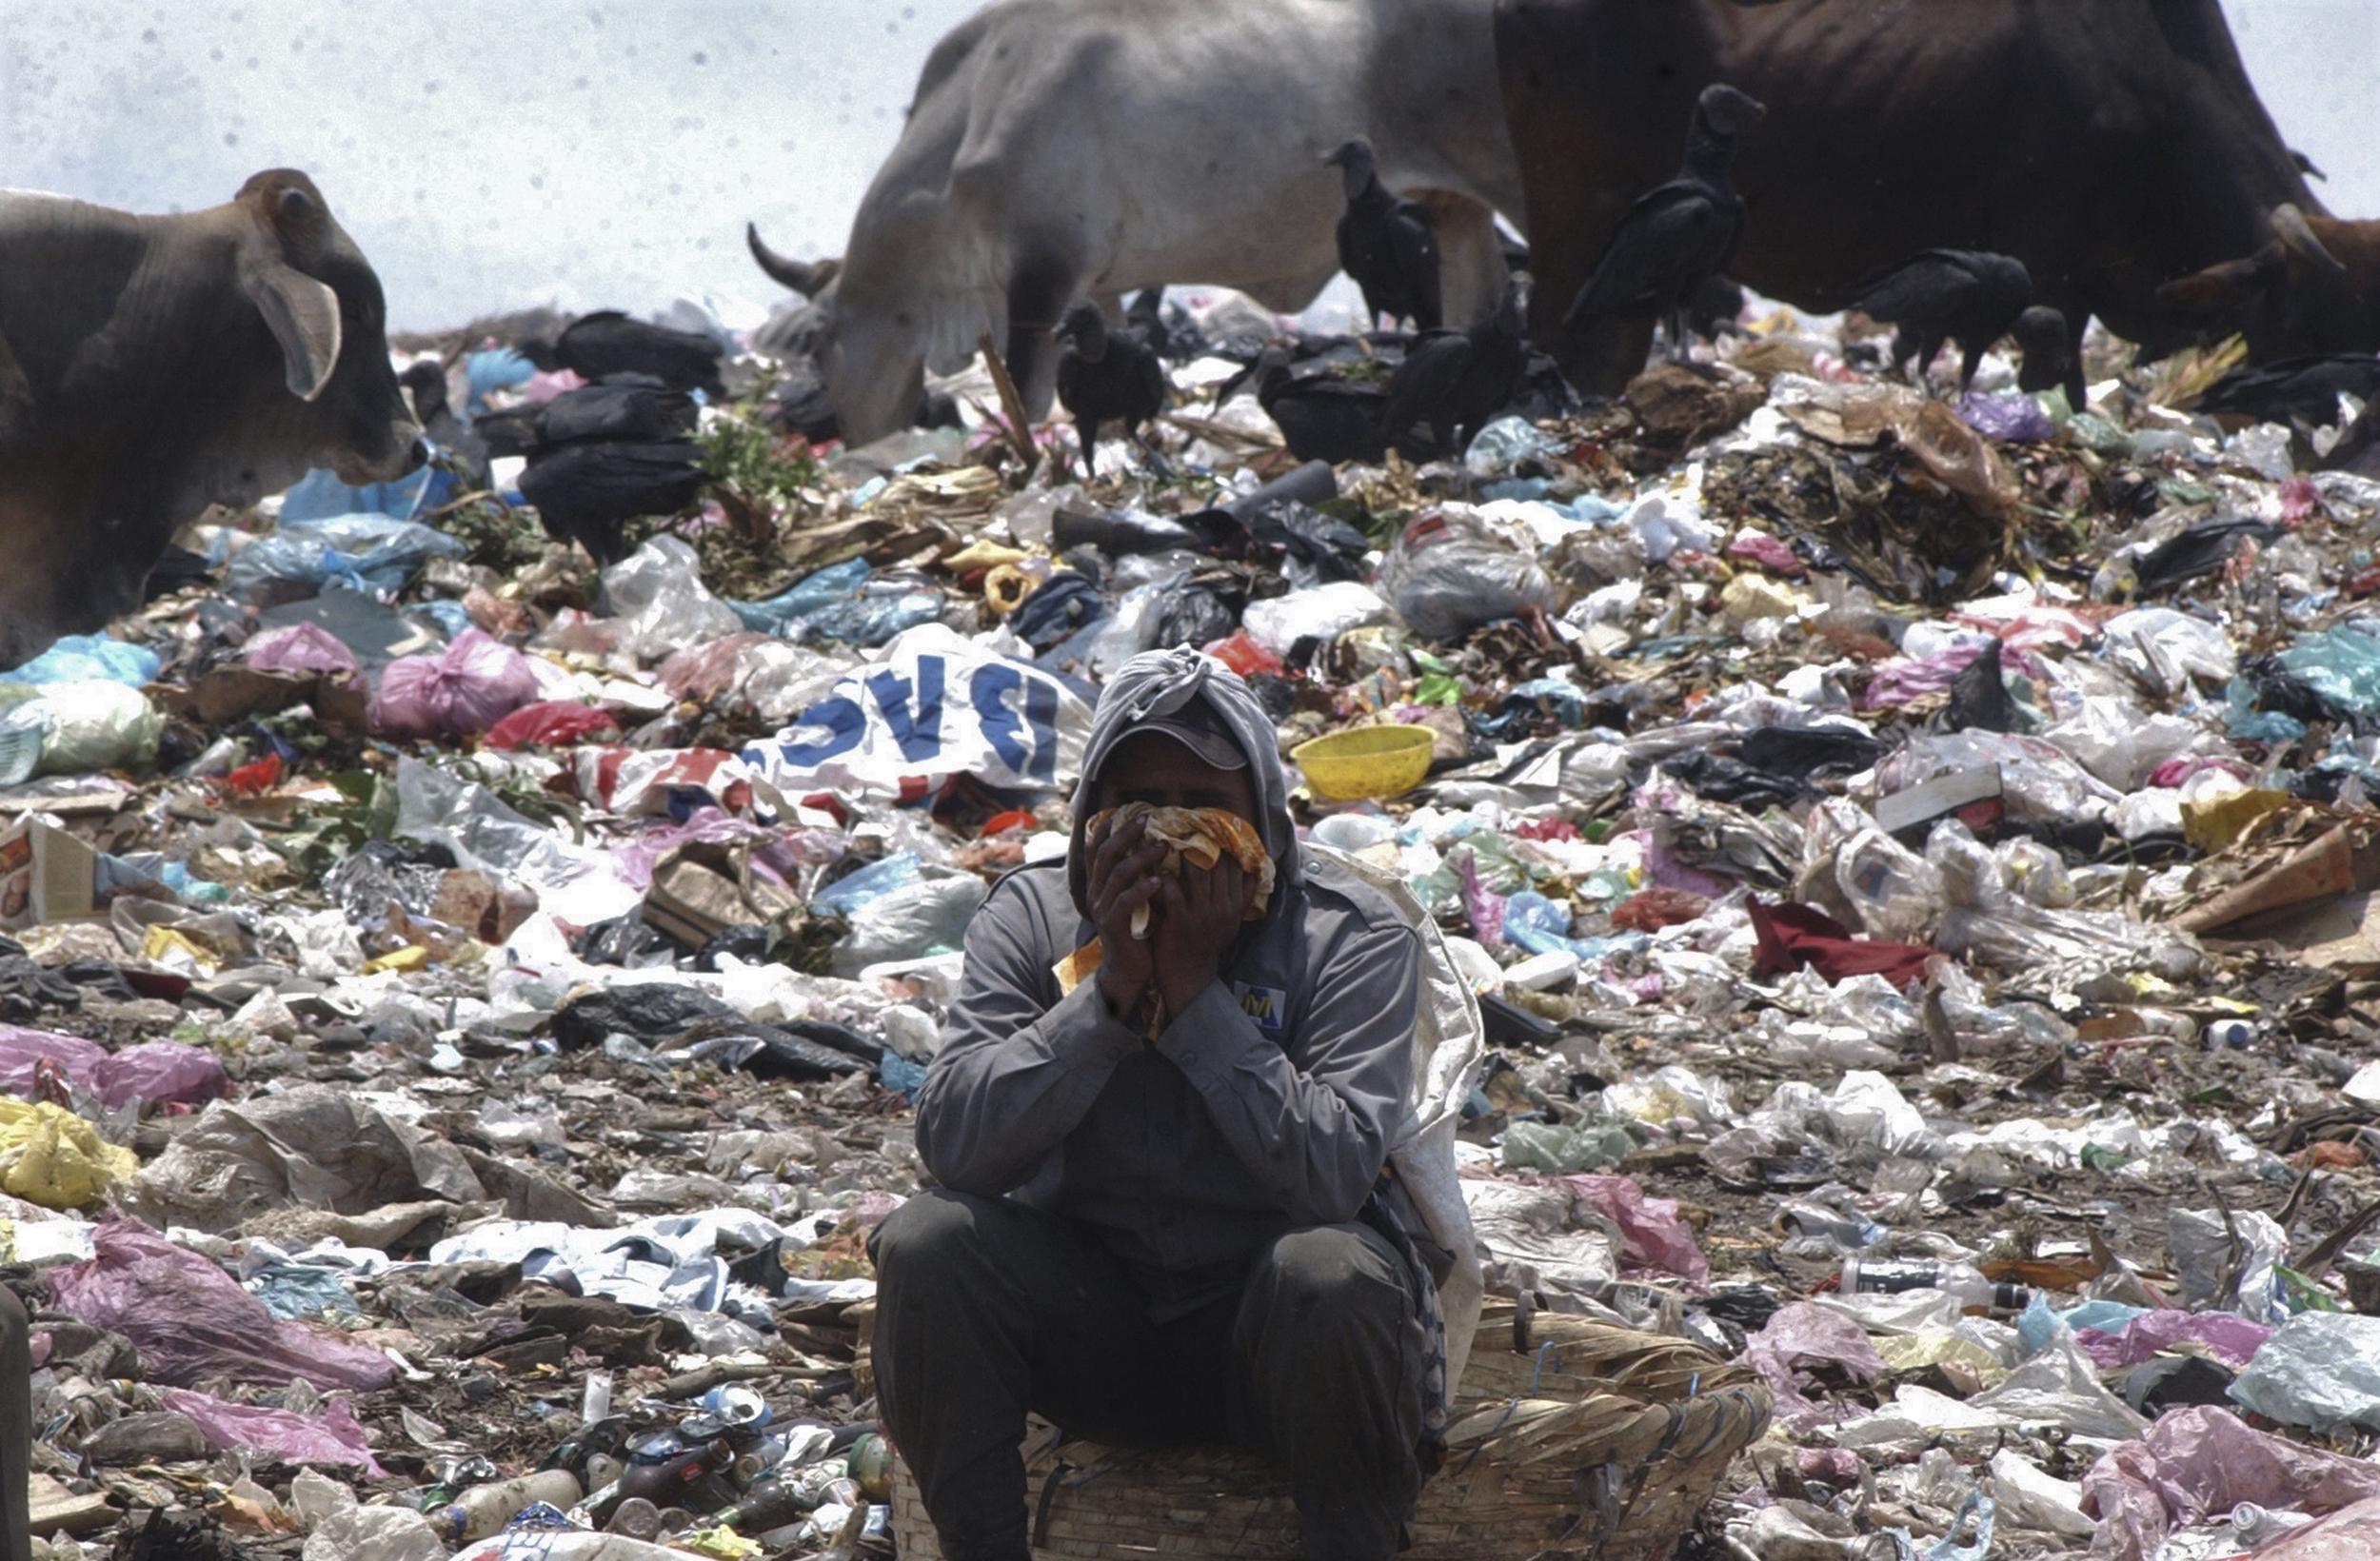 """La situación precaria de miles de Nicaraguenses es cada dia mas deplorable,cientos de personas acuden  todos los dias al vertedero de basura mas grande de la capital(managua),conocido como la """"chureca a urgar en los desechos algo util, mientras sopilotes y vacas se disputan los desperdicios"""